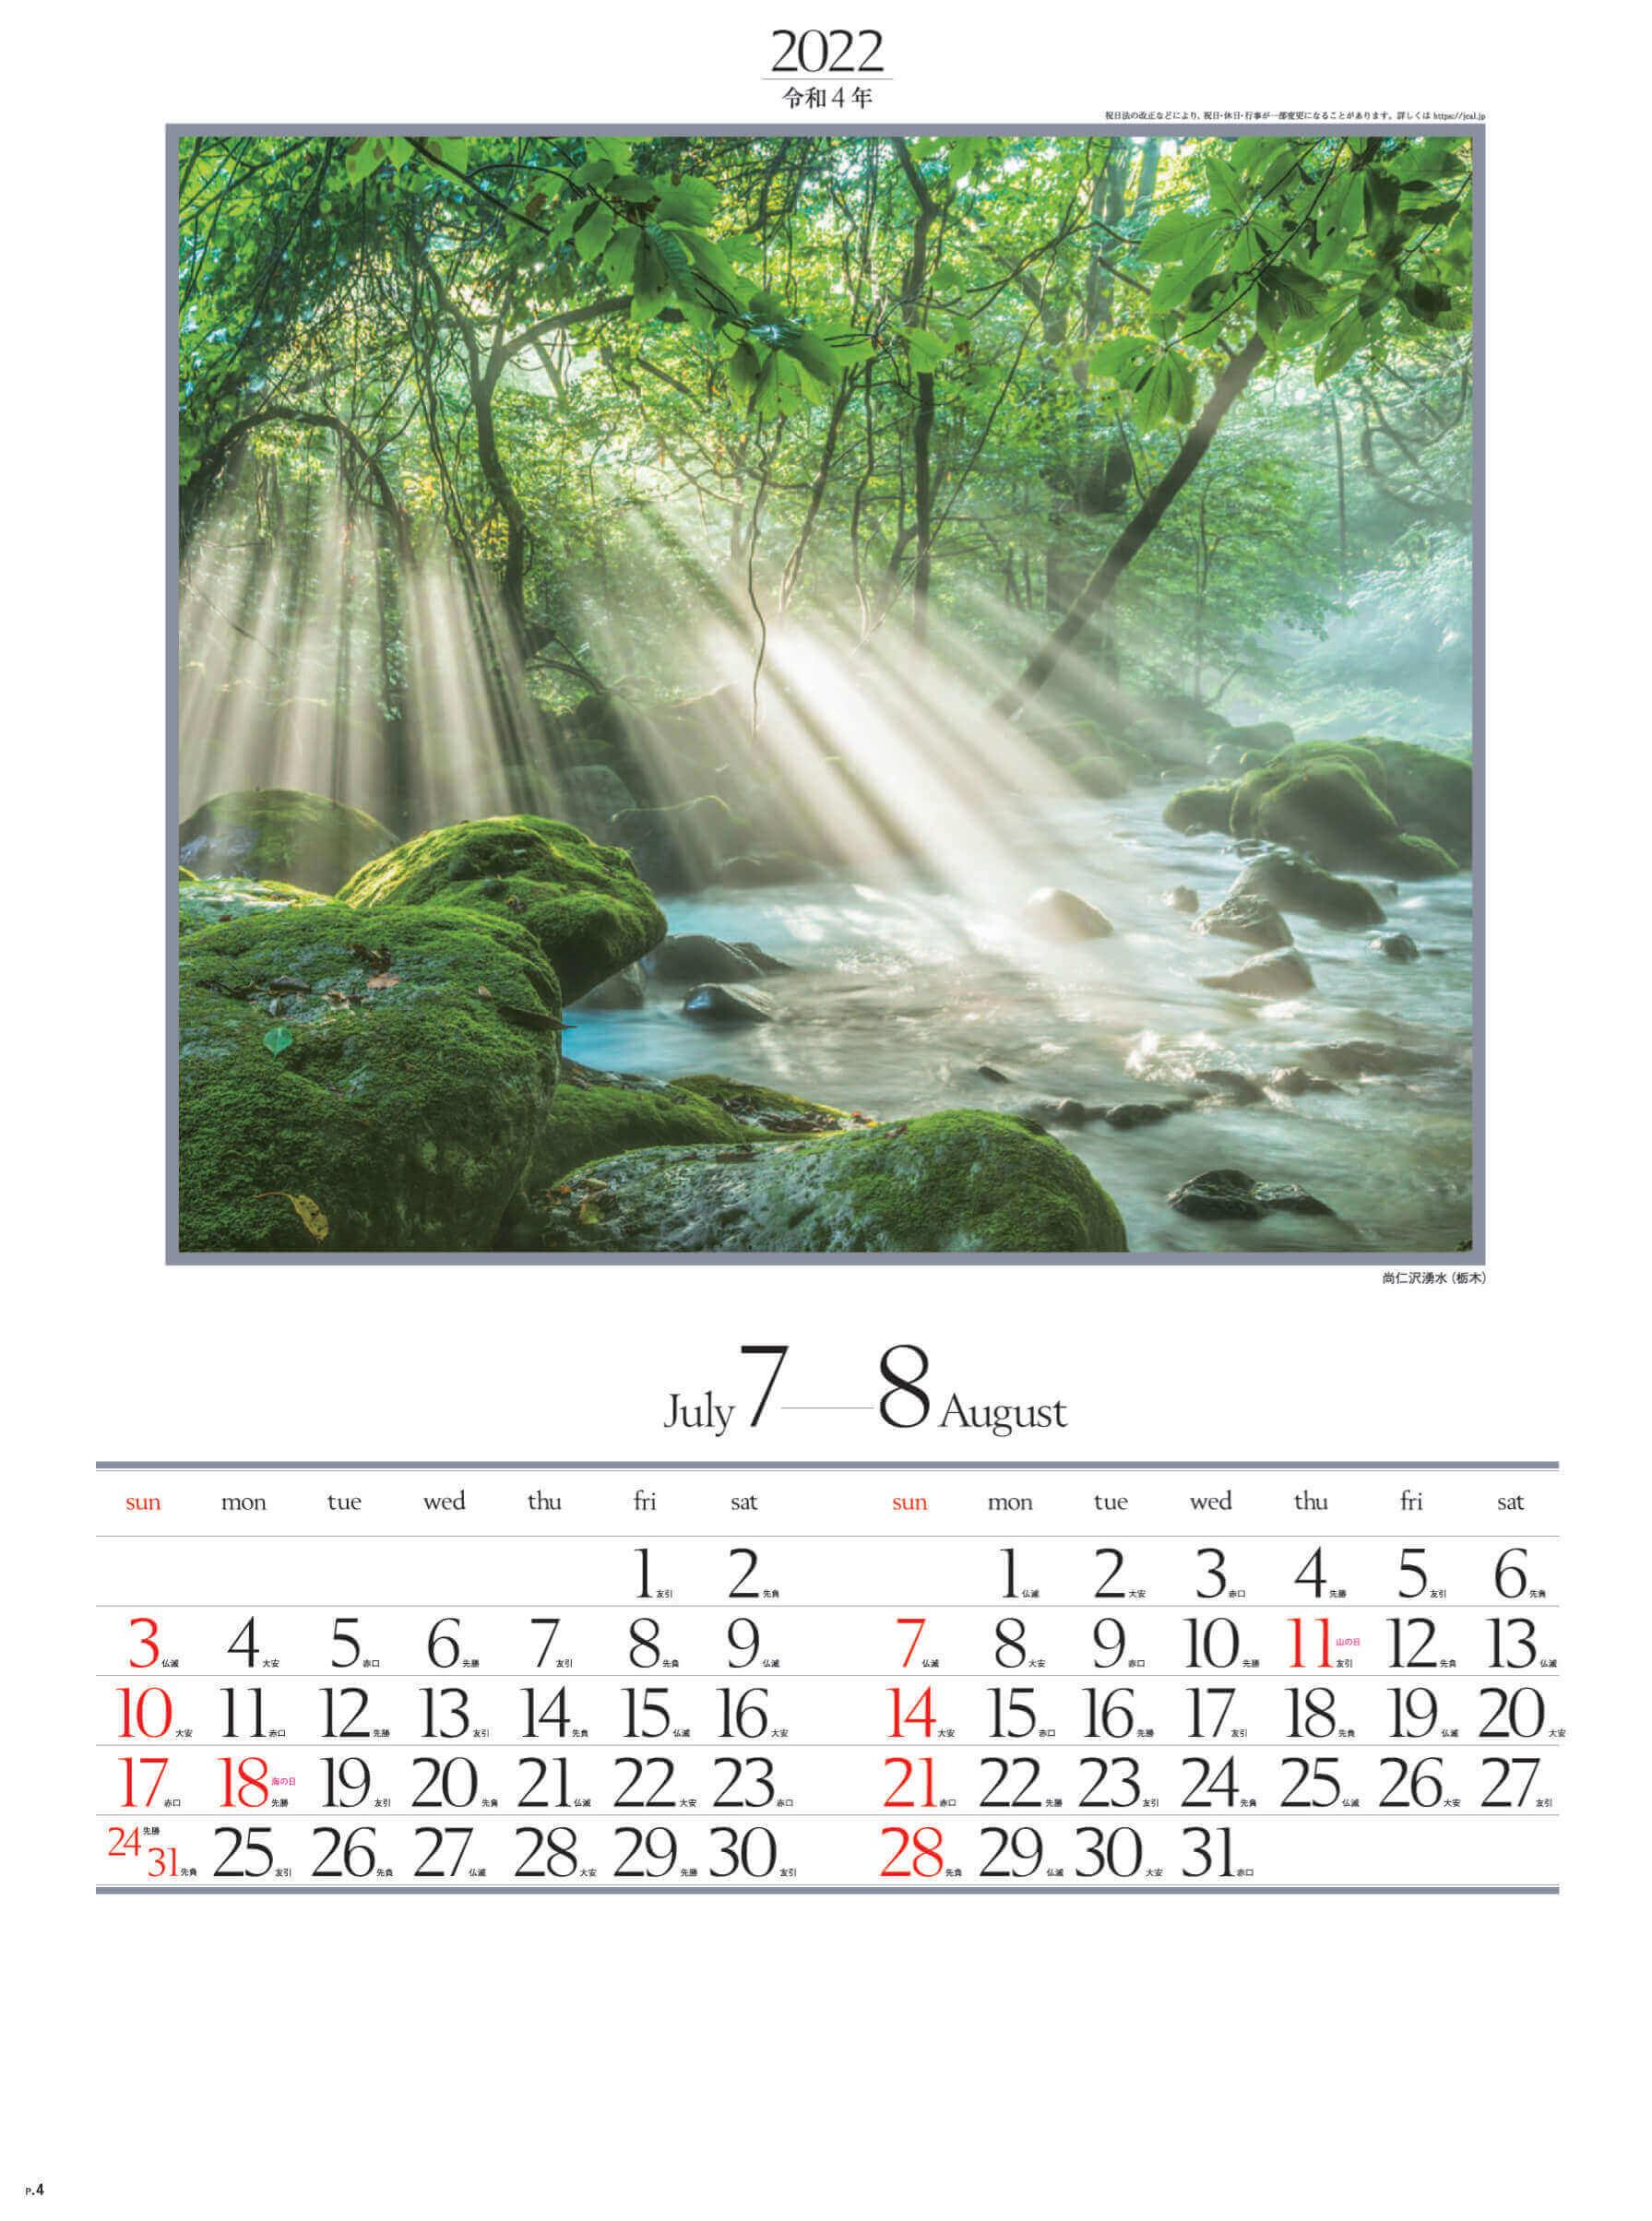 7-8月 尚仁沢湧水(栃木) 四季六彩 2022年カレンダーの画像